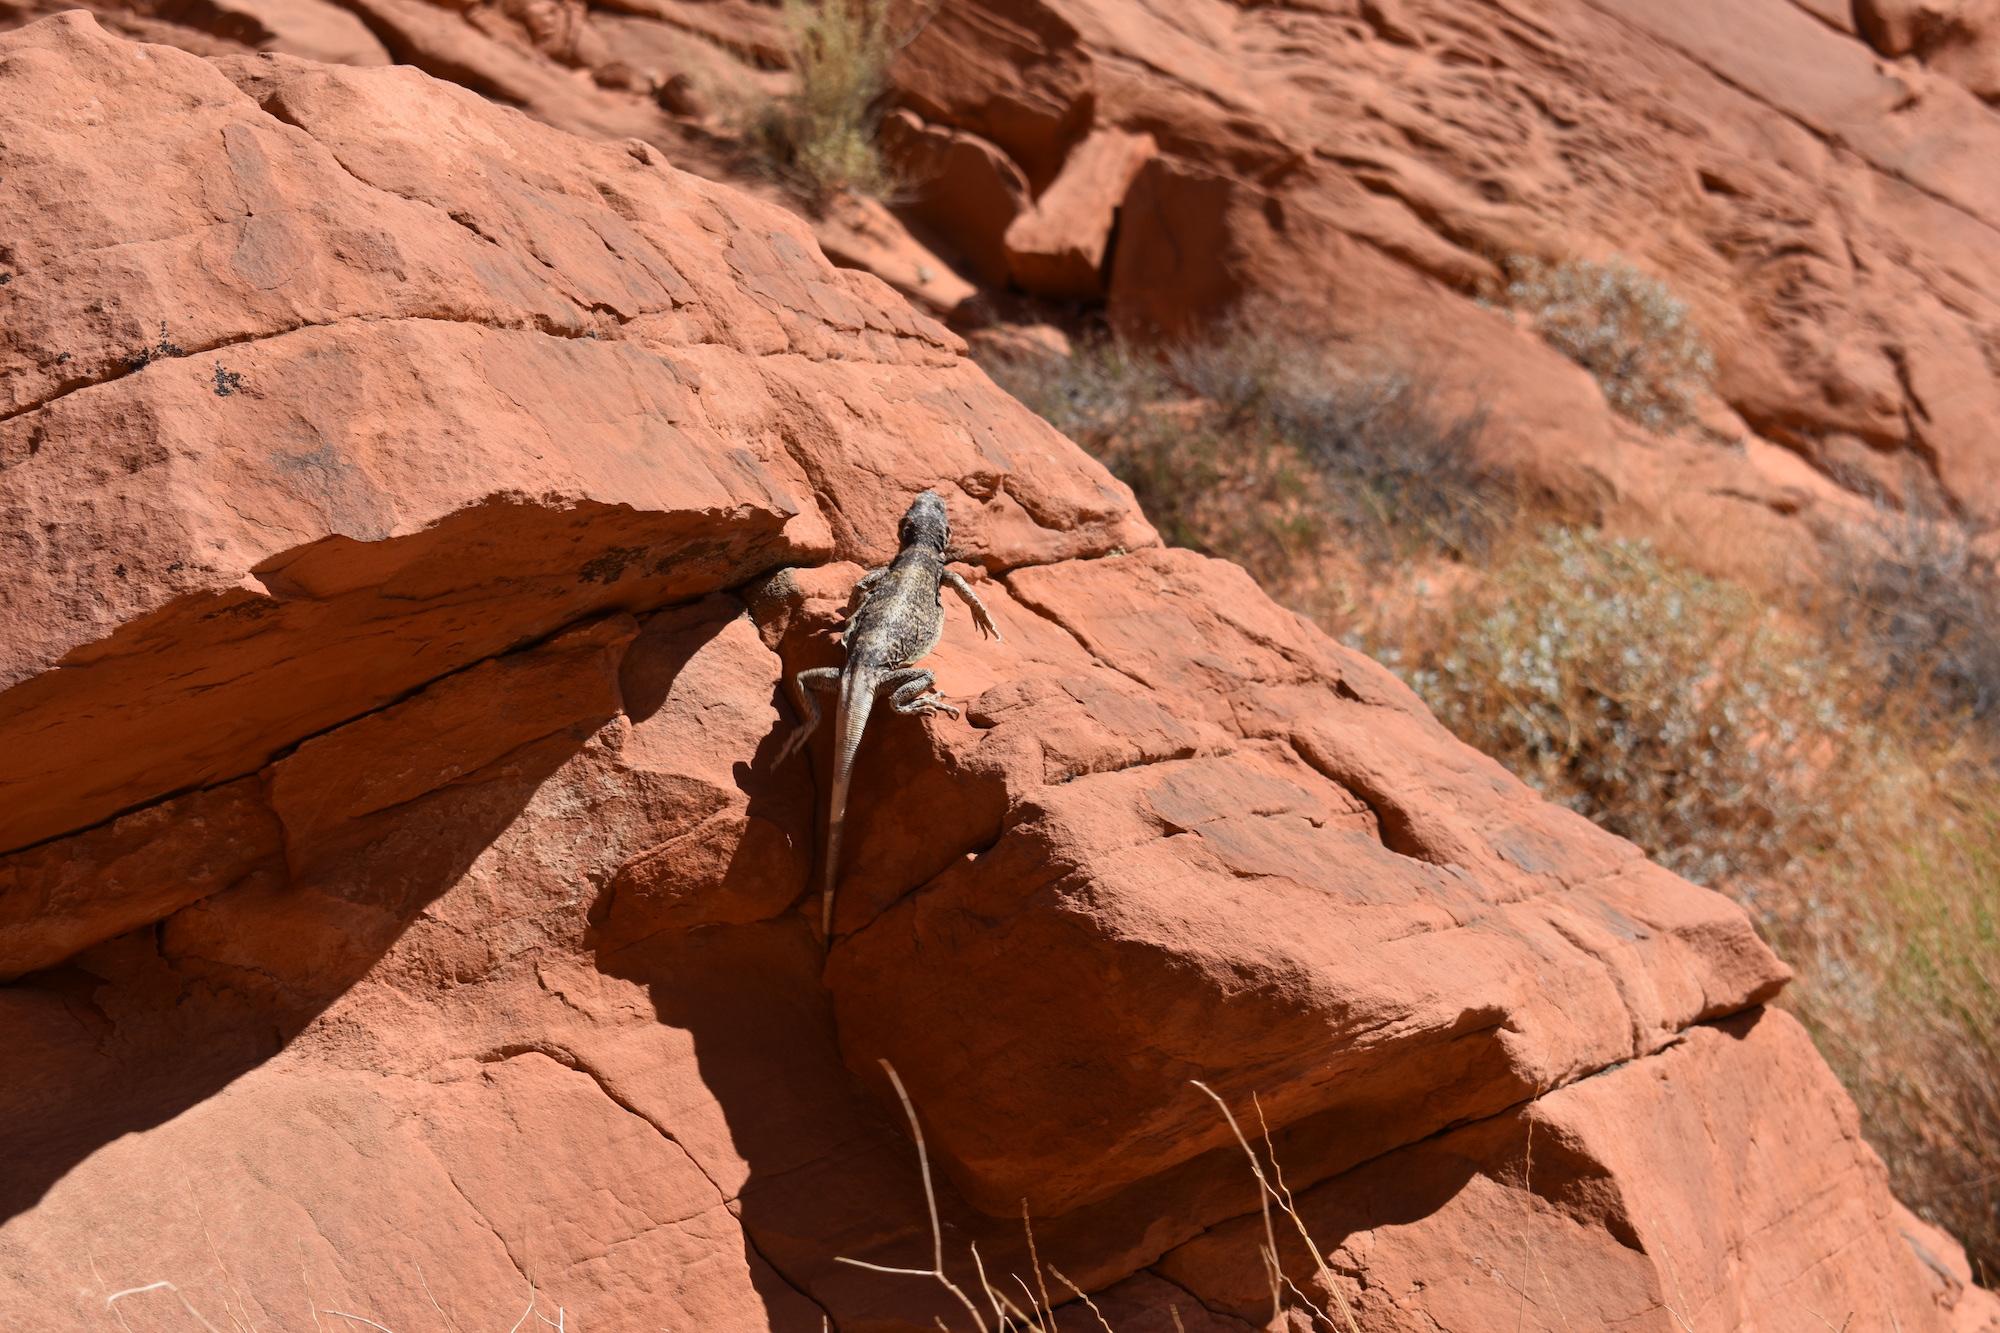 Chuckwalla on the rocks